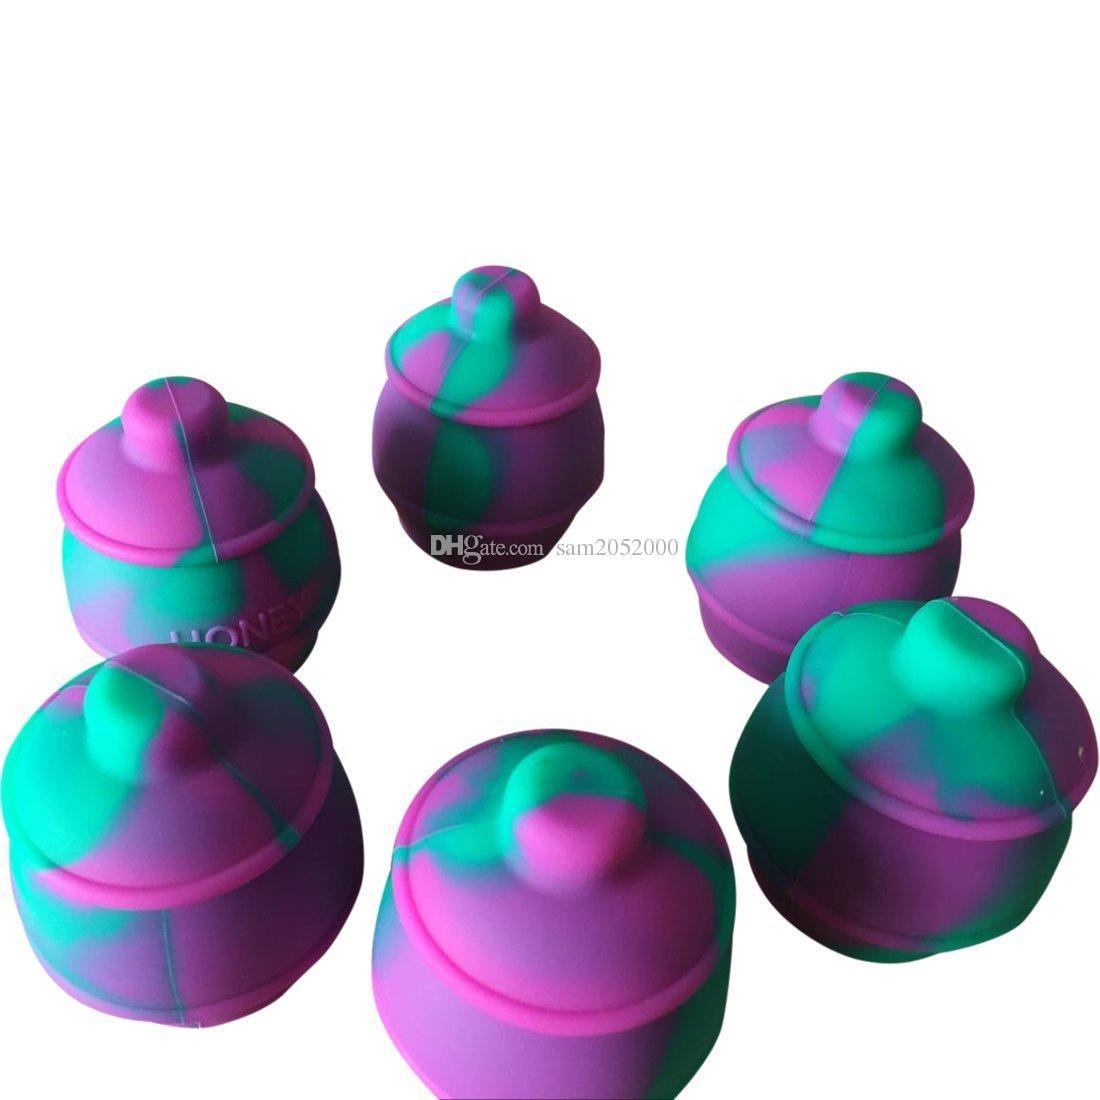 10 pçs / lote Nonstick Silicone Recipiente Jar Caixa Dab Bee Insetos 35ml Recipiente de Cera de Silicone Dabs Dabs